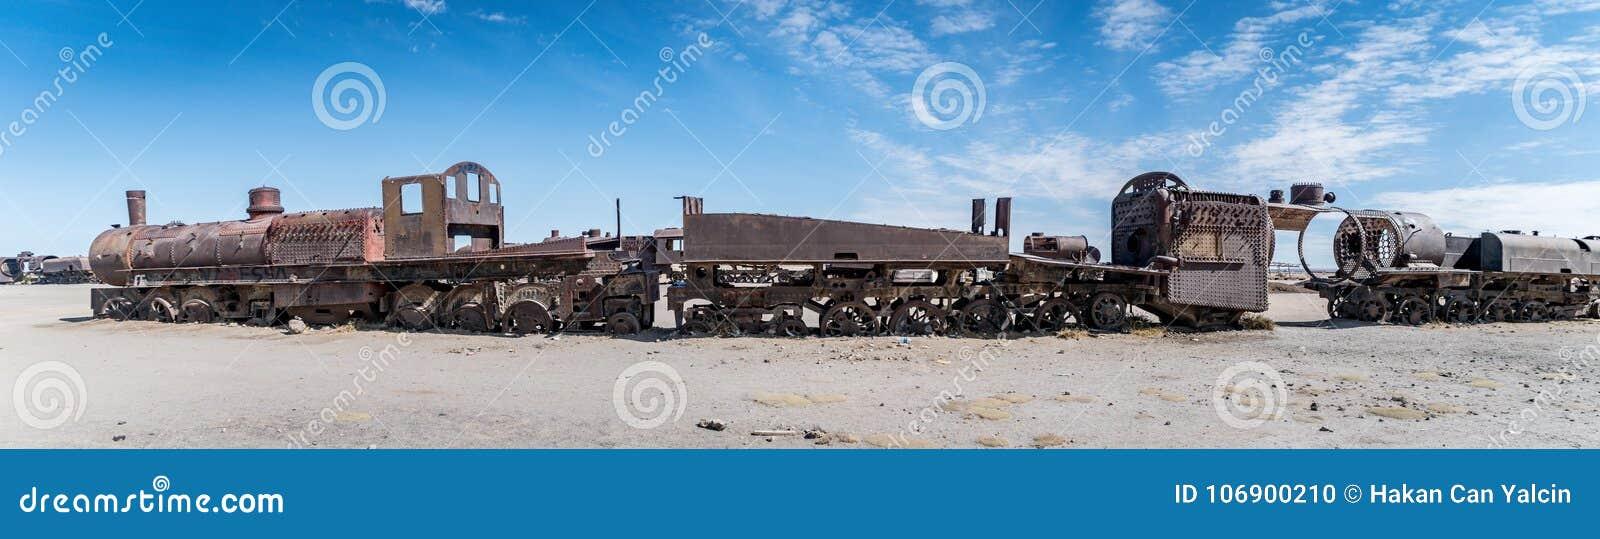 Ośniedziały stary pociąg przy Taborowym cmentarzem w Uyuni pustyni, Boliwia, Ameryka Południowa